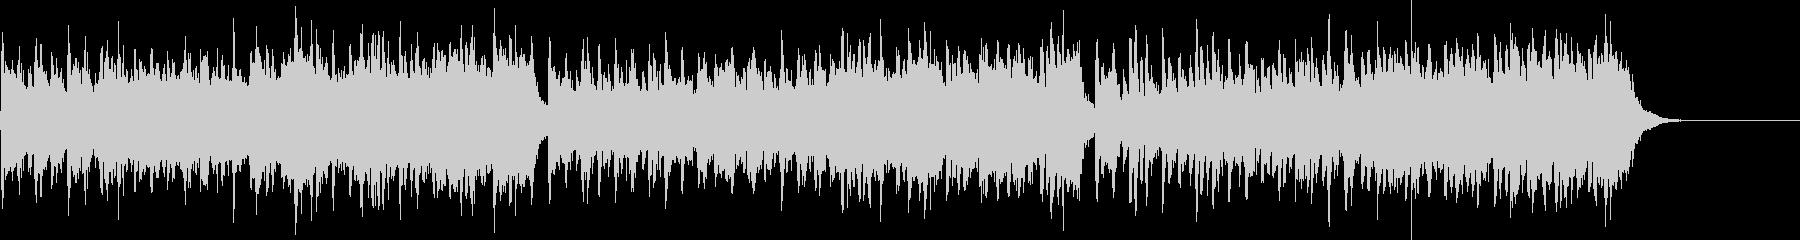 リズムが心地よいエスニック音楽の未再生の波形